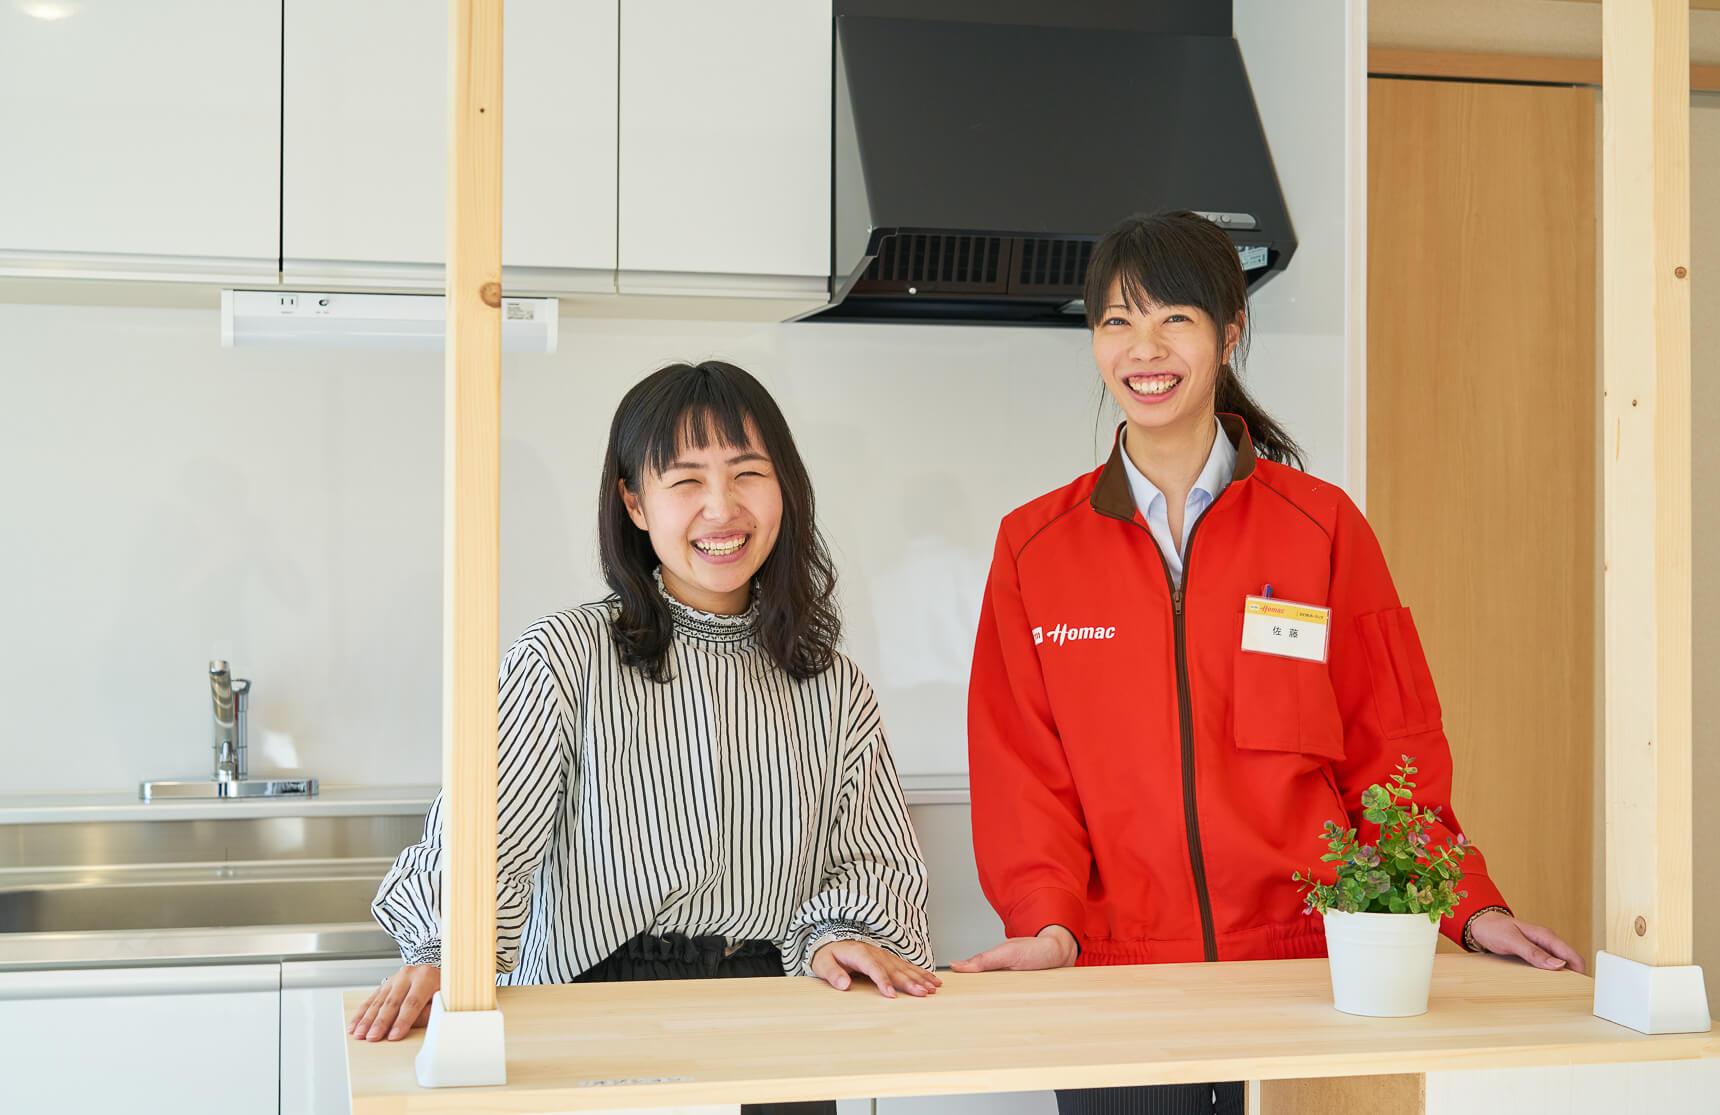 お部屋を紹介してくれたのは、UR都市機構の小川さん(写真左)とDCMホーマックの佐藤さん(写真右)